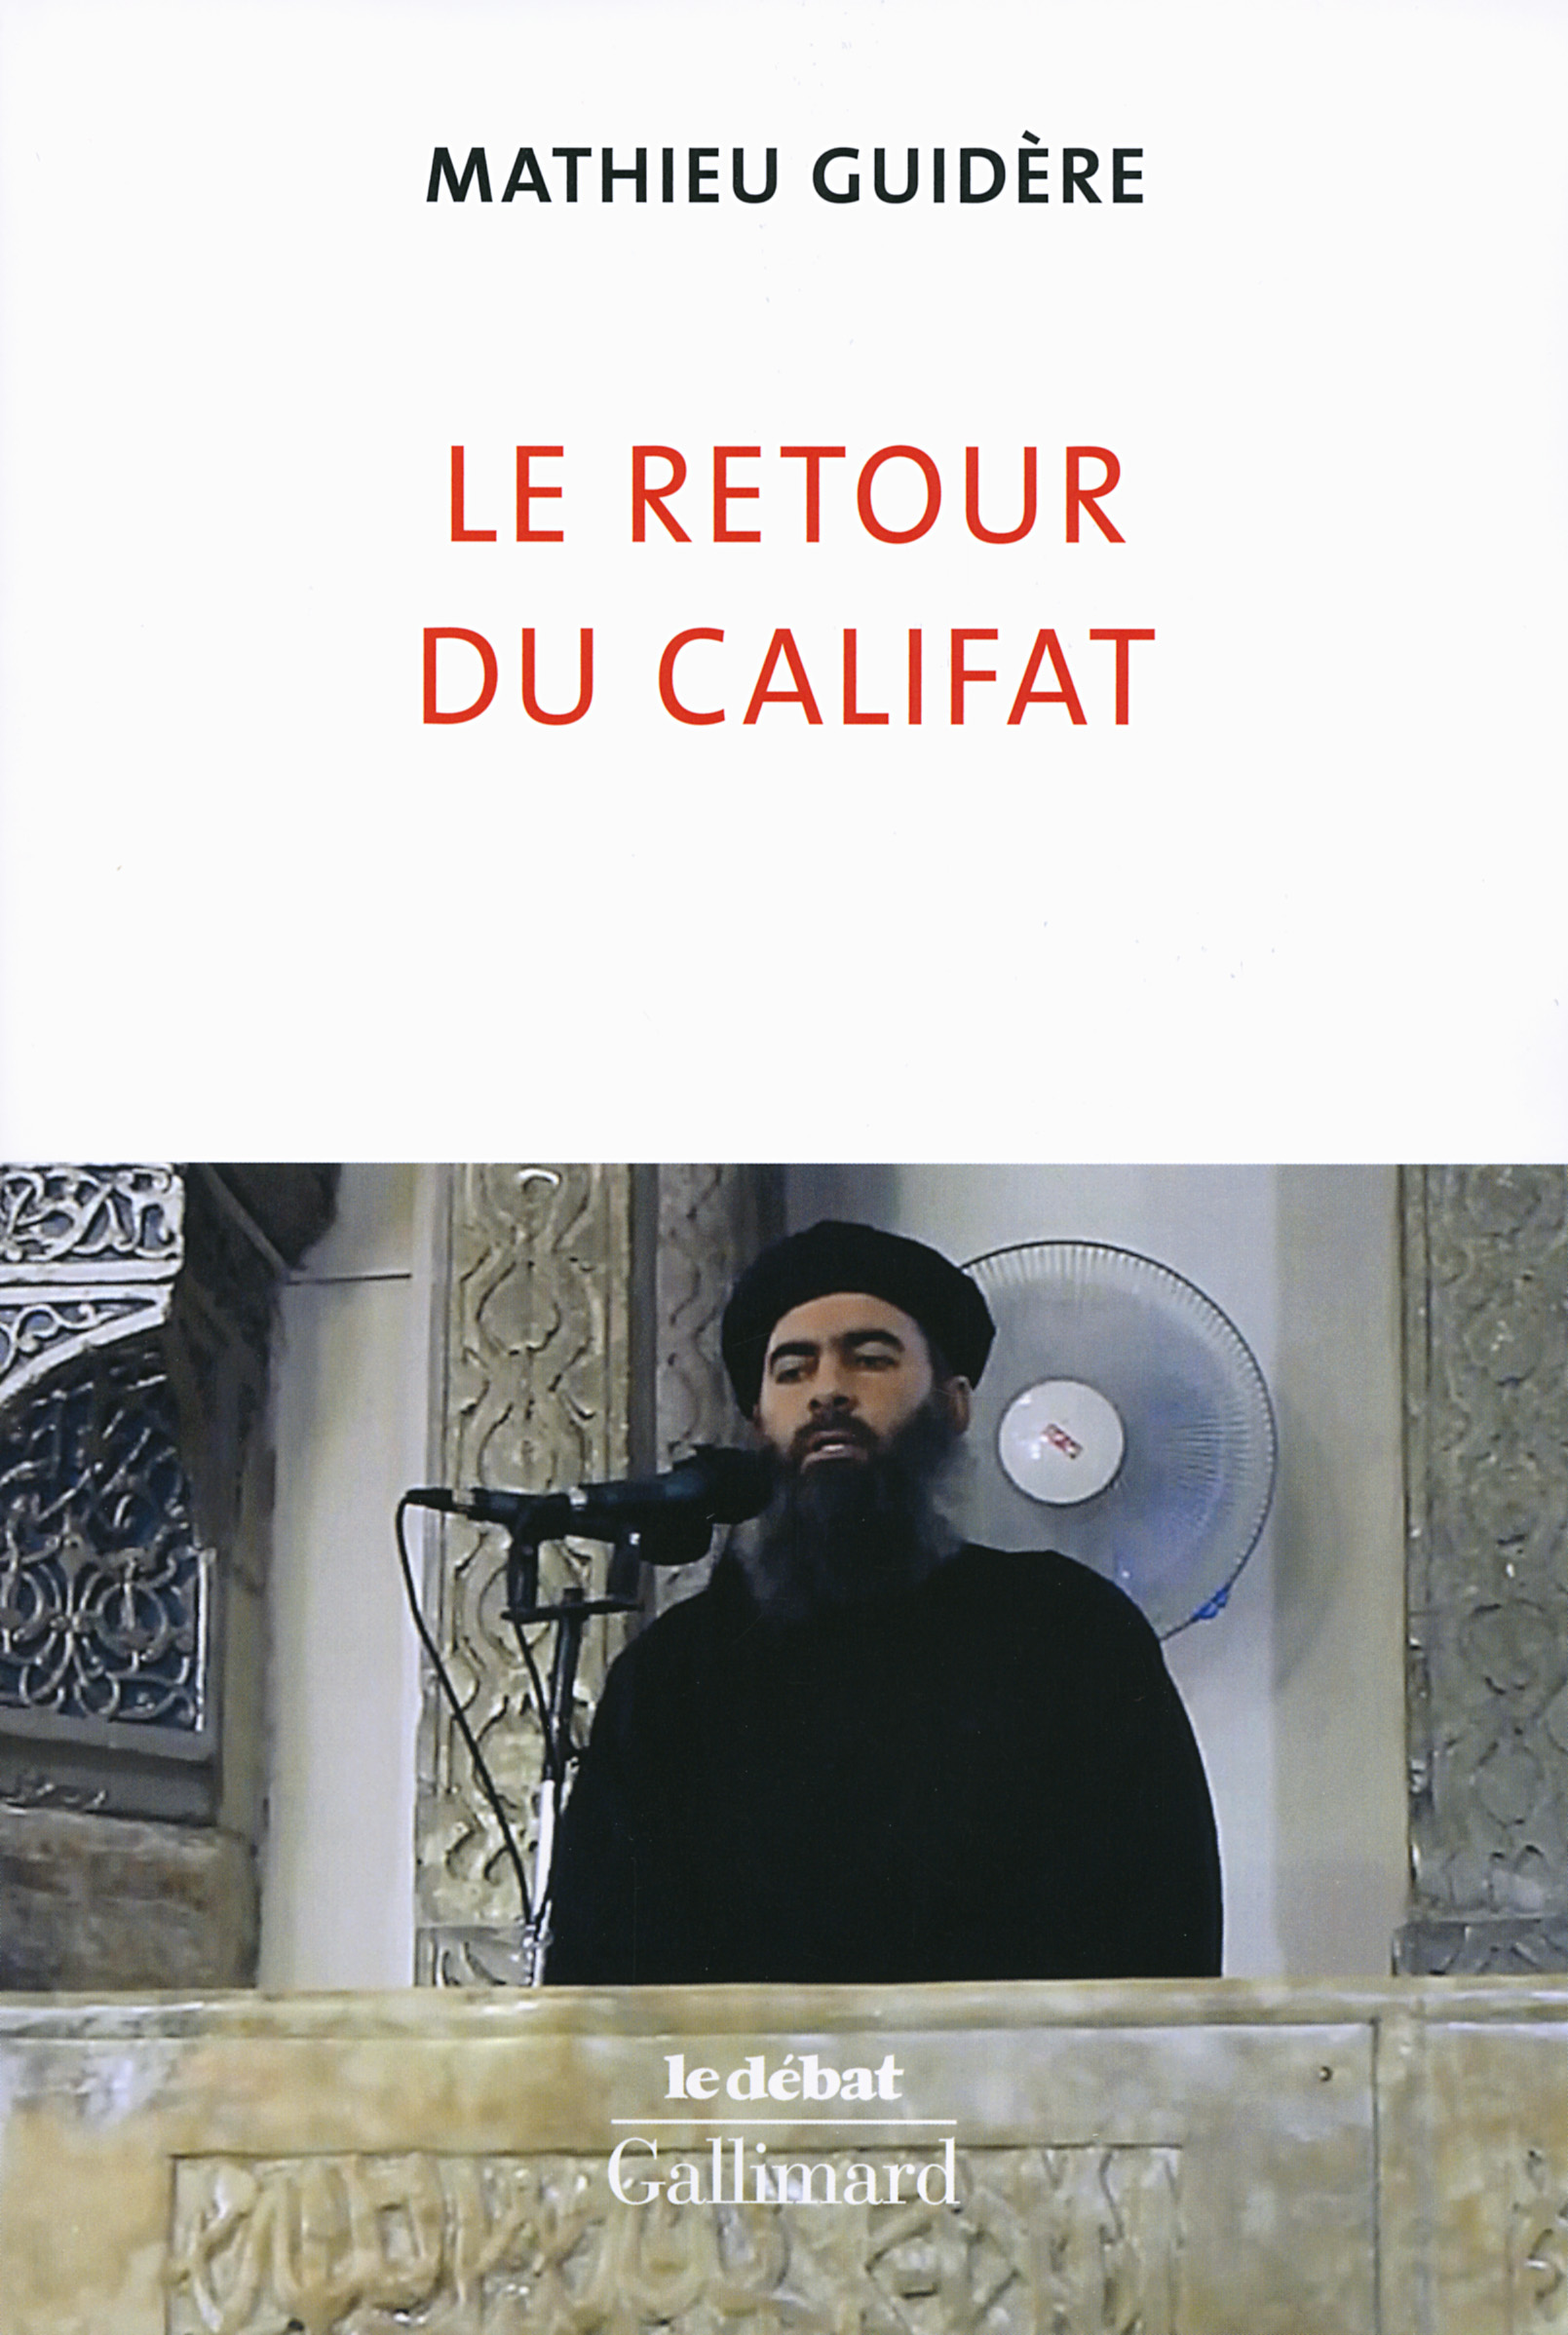 Le retour du califat